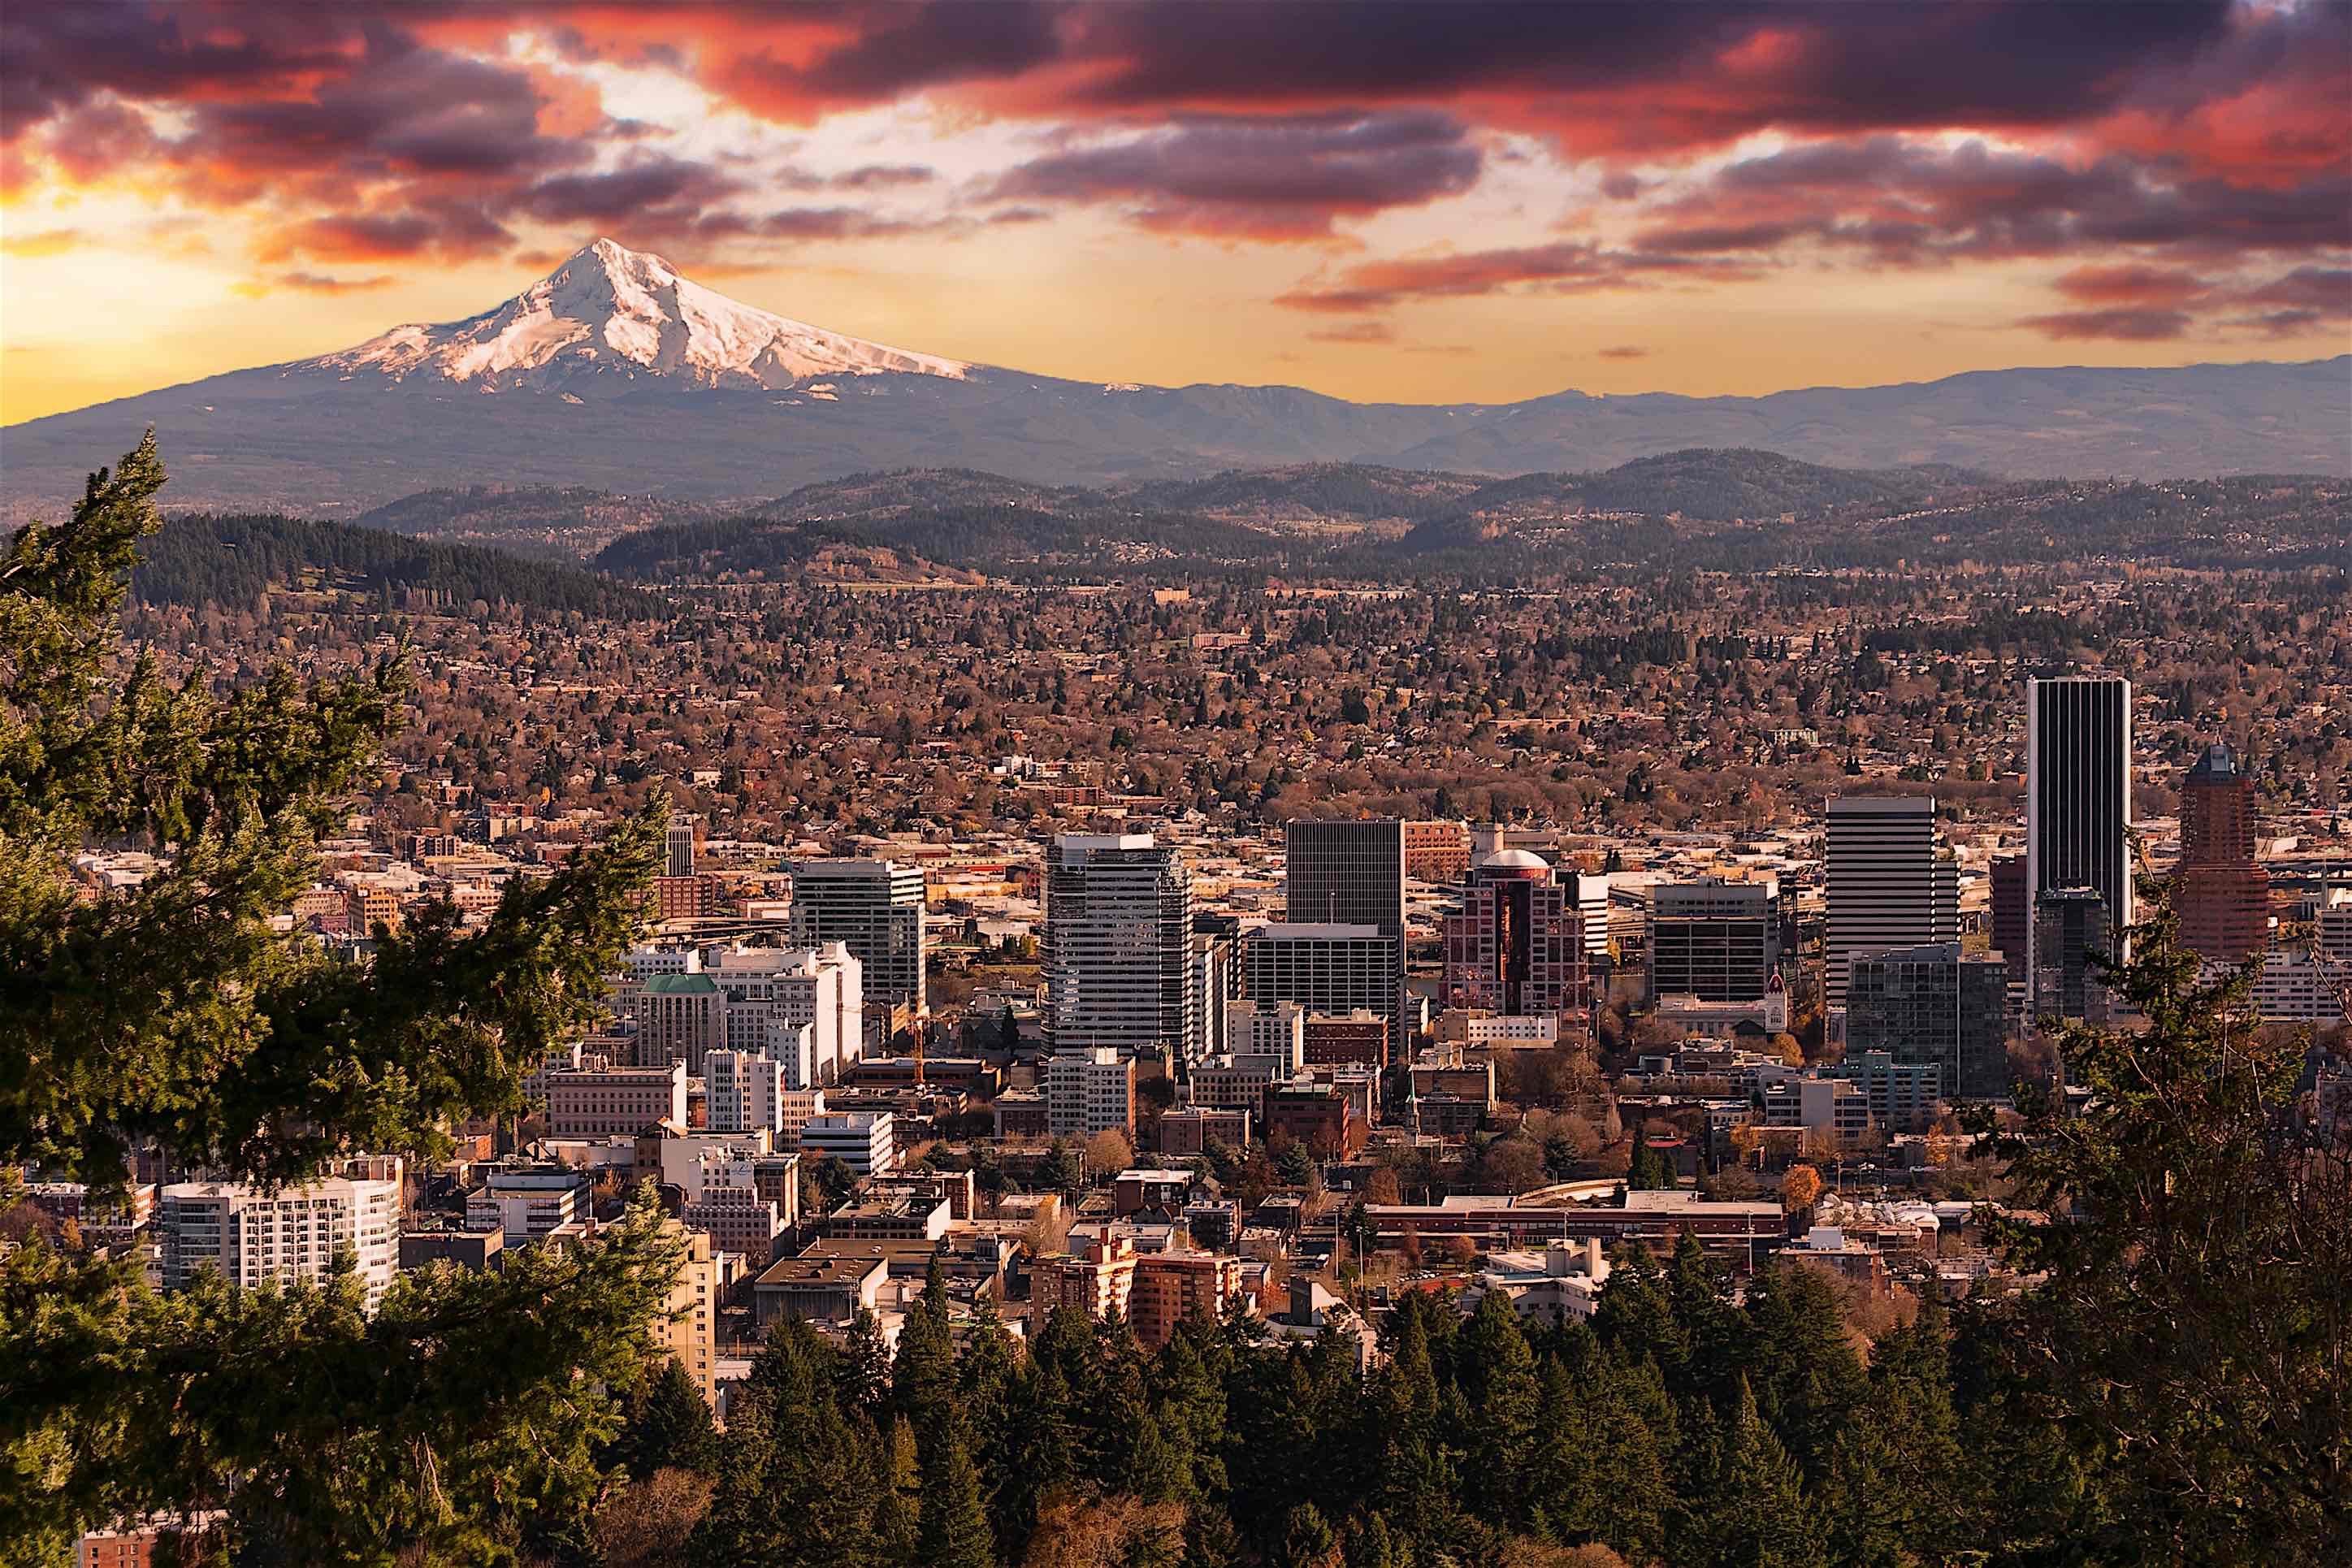 5.) Portland, OR